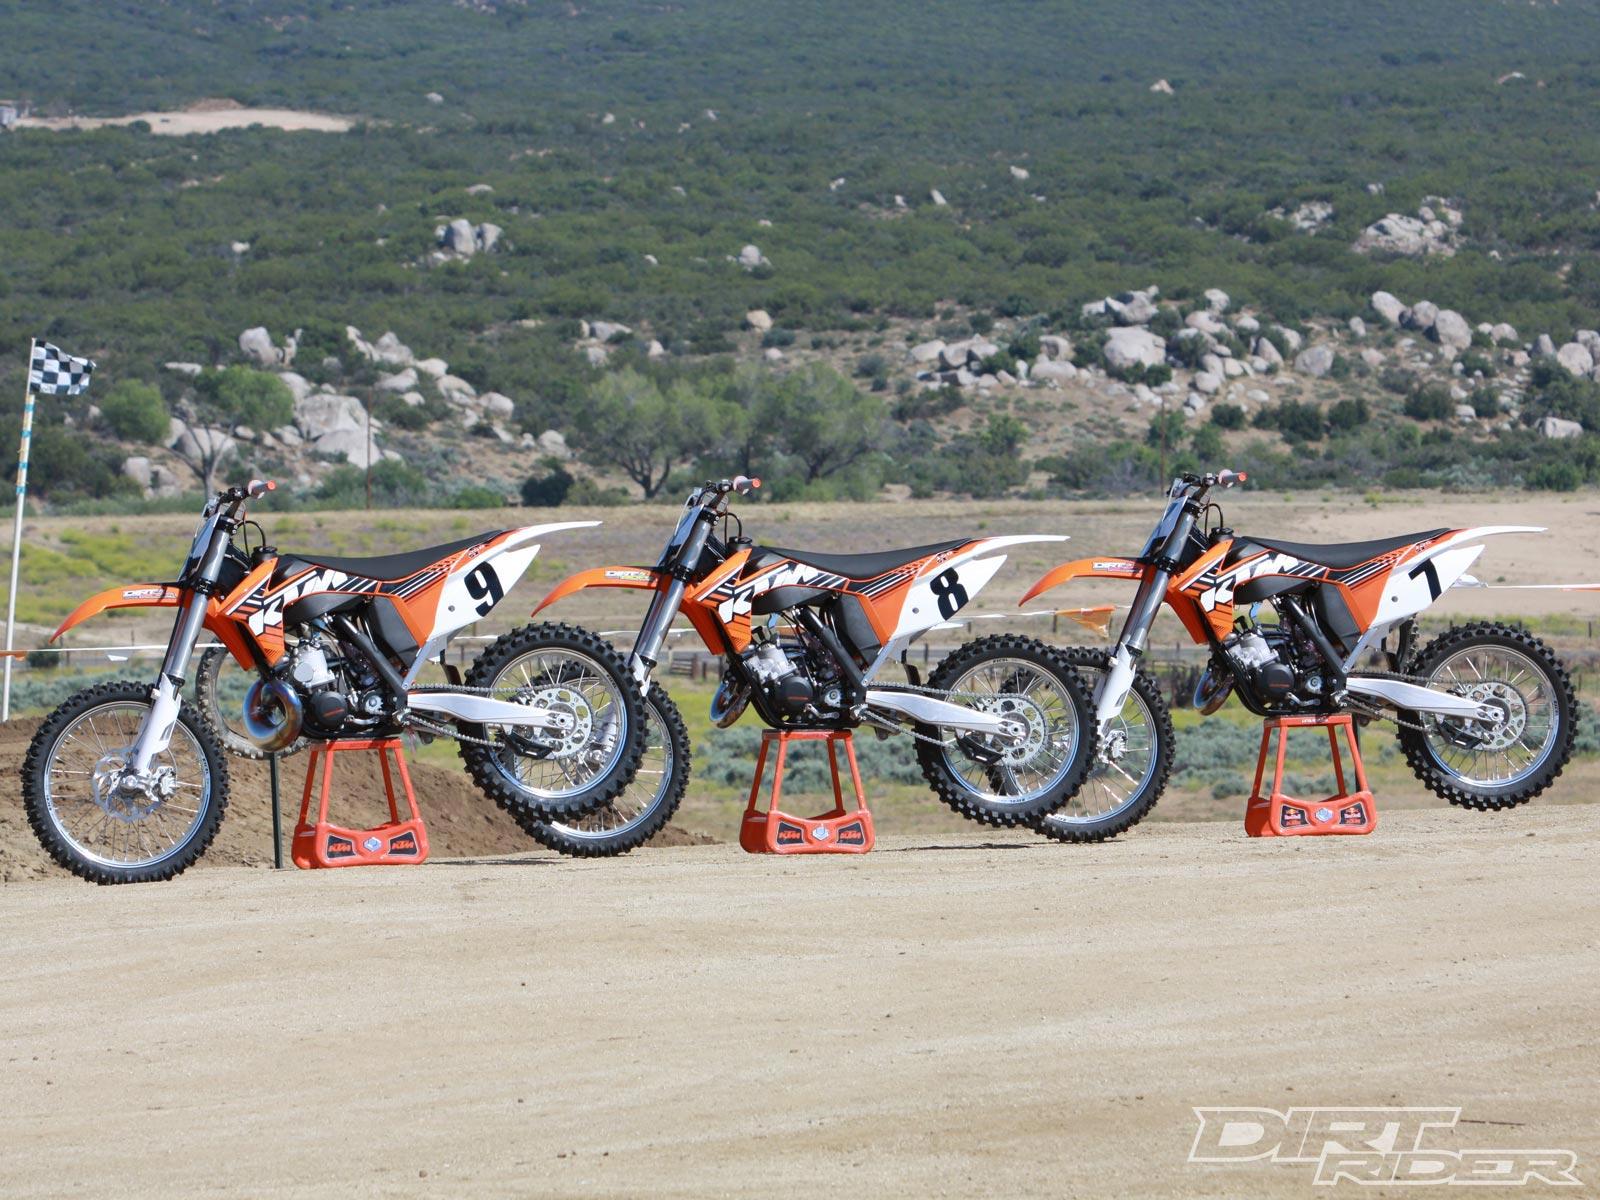 KTM Bike Motocross 125 150 250 Wallpaper Wide 2074 Wallpaper 1600x1200